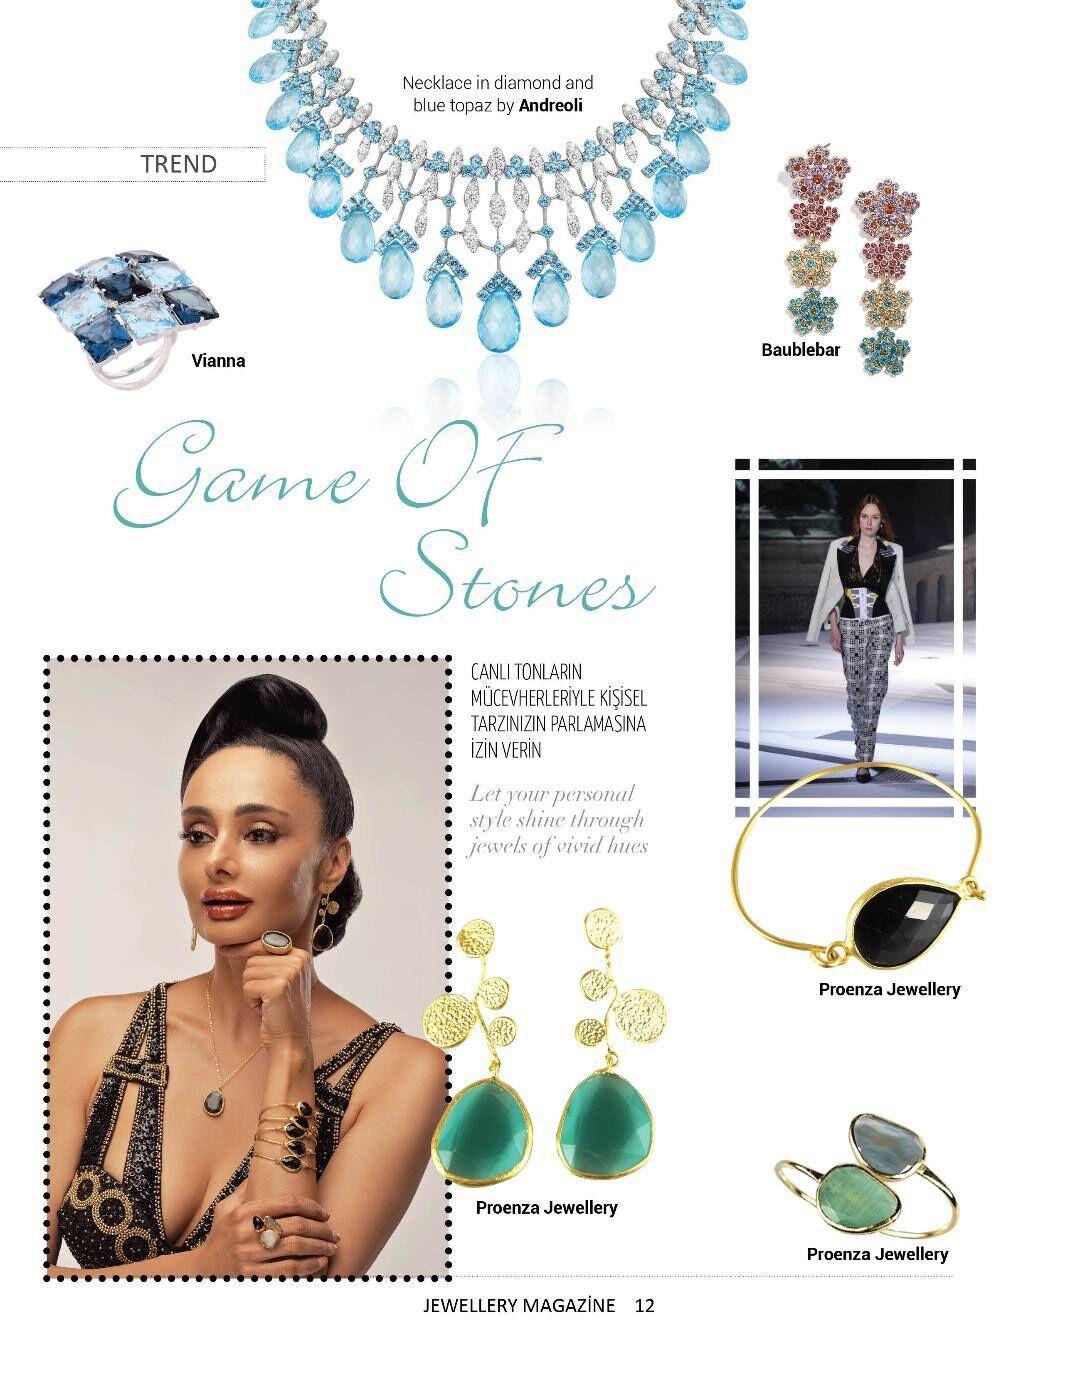 JWM Jewellery Magazine